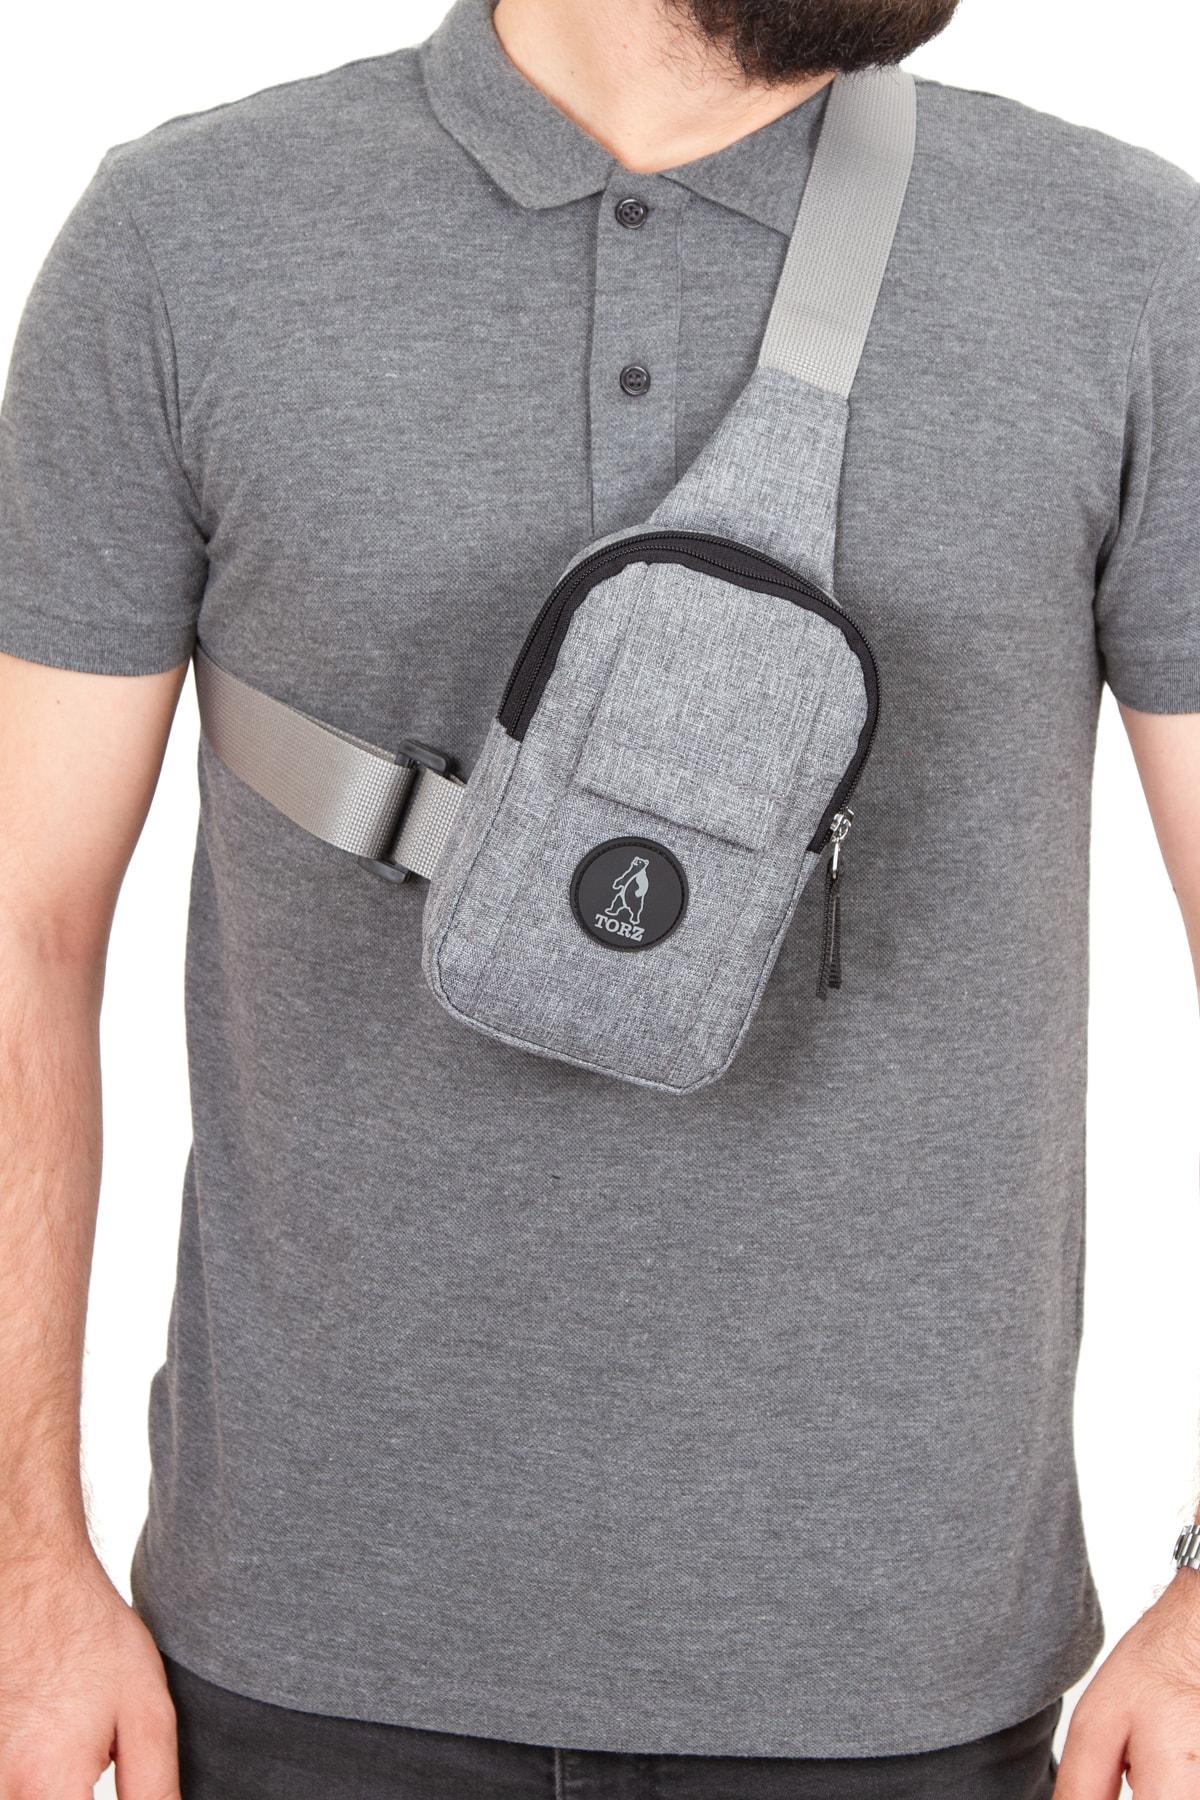 Çarpraz Tek Kol Telefon Çantası Günlük Mini Göğüs Çanta